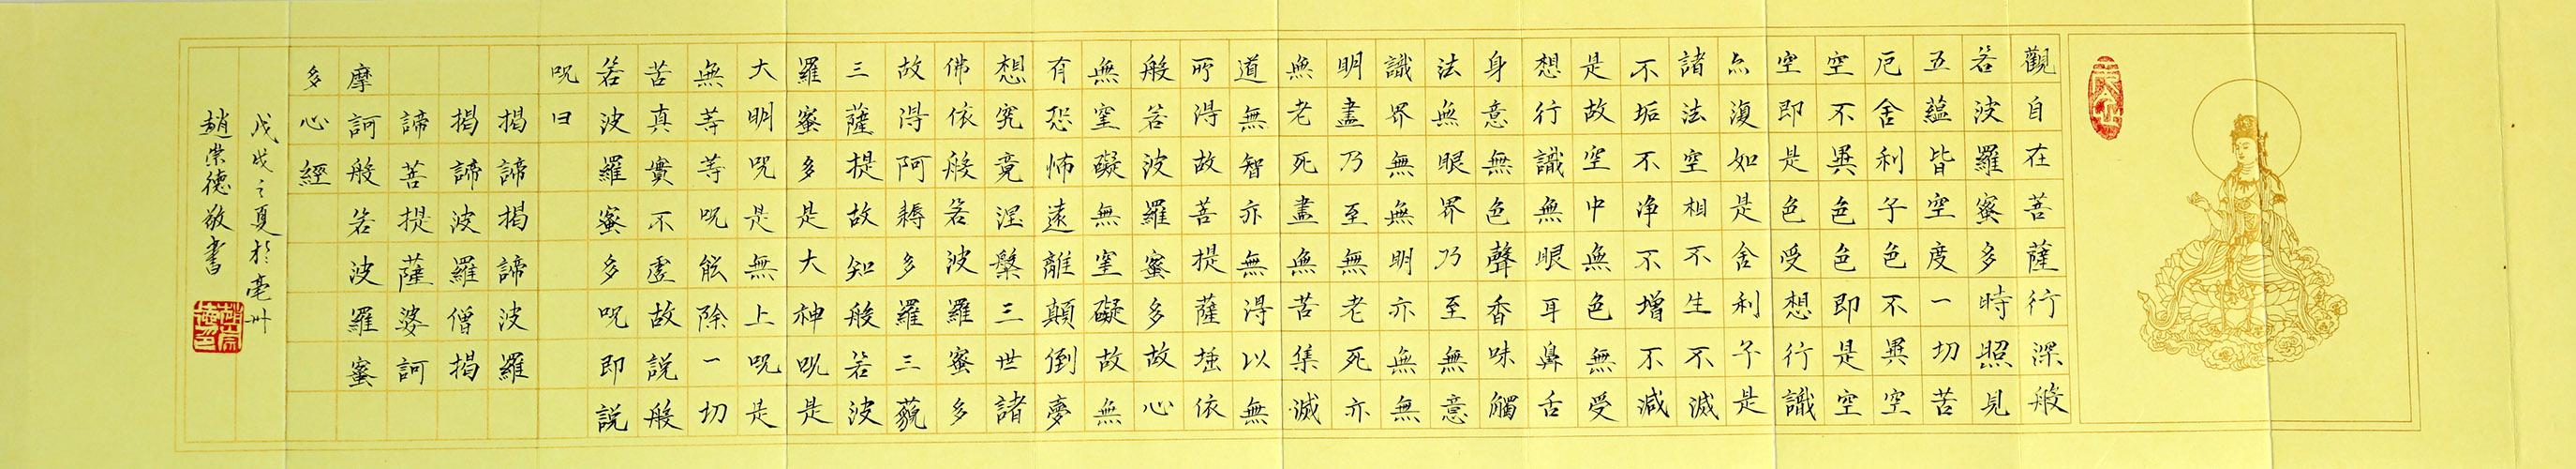 赵崇德作品之一 (6)